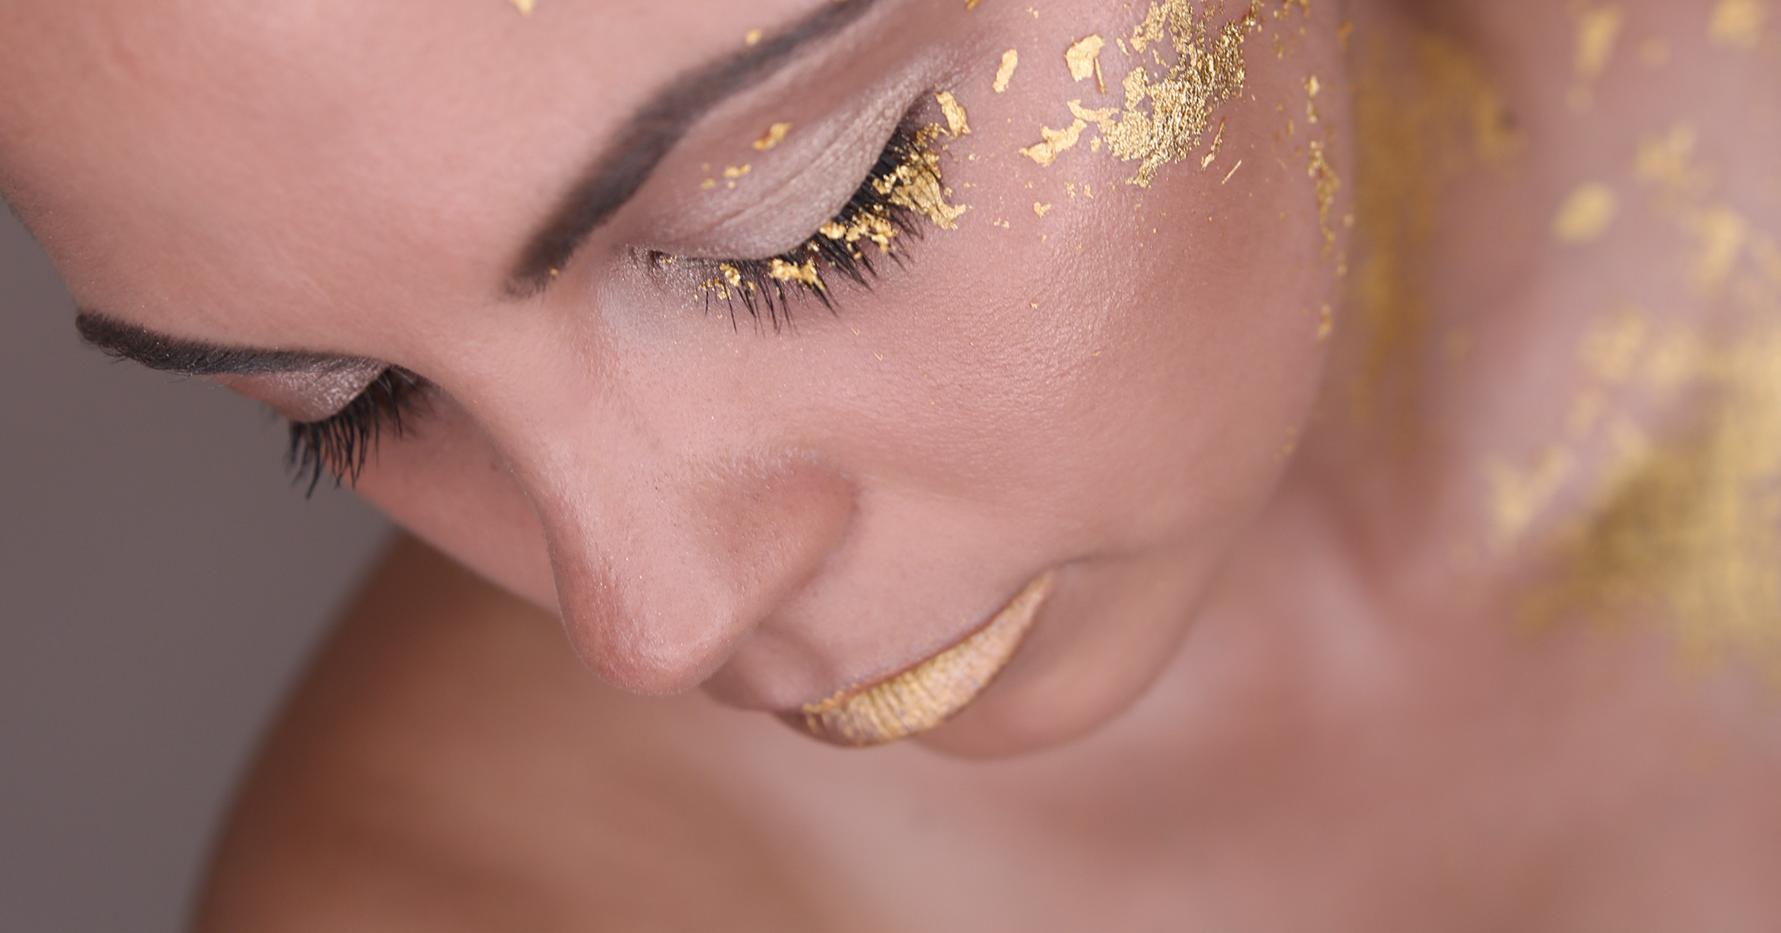 gold-leaf-make-up-10.png